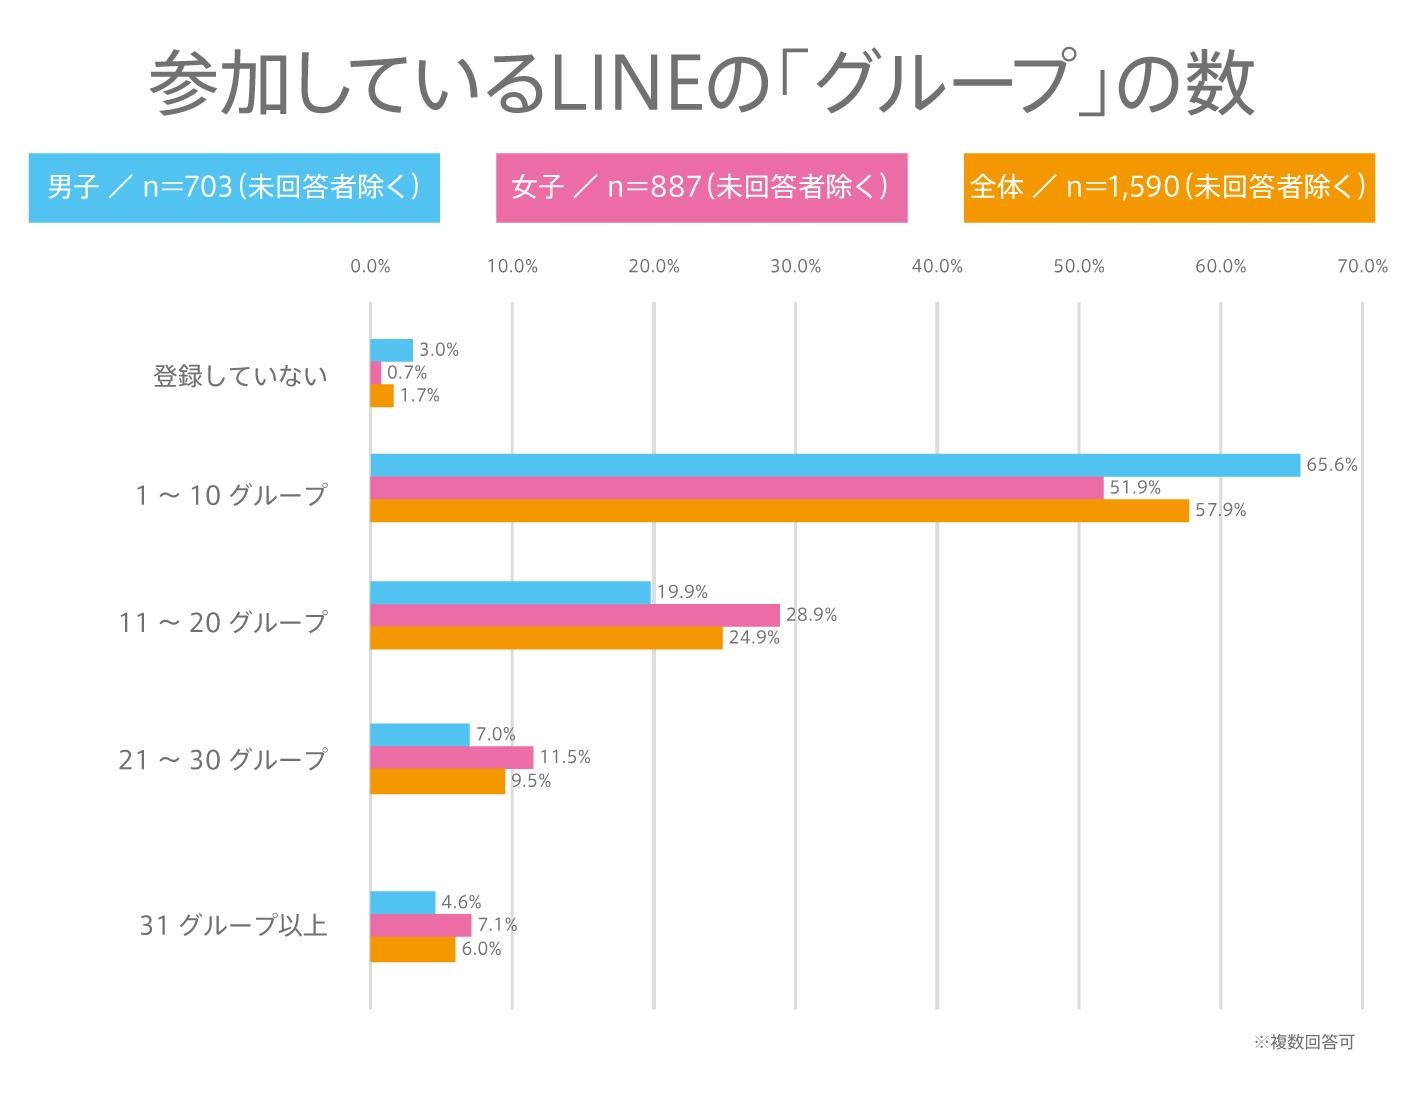 昨年の2018年6月4日に公開した同内容のアンケート(https://www.ytjp.jp/2018/06/05/1000ninanketo-LINEriyou)と比較すると、 友達登録数、グループ数共に、最も多いゾーンに変化は無かったが、友達登録数「100人以下」の割合は約9%UP、グループ数 「10グループ以下」の割合は約3%UPした。